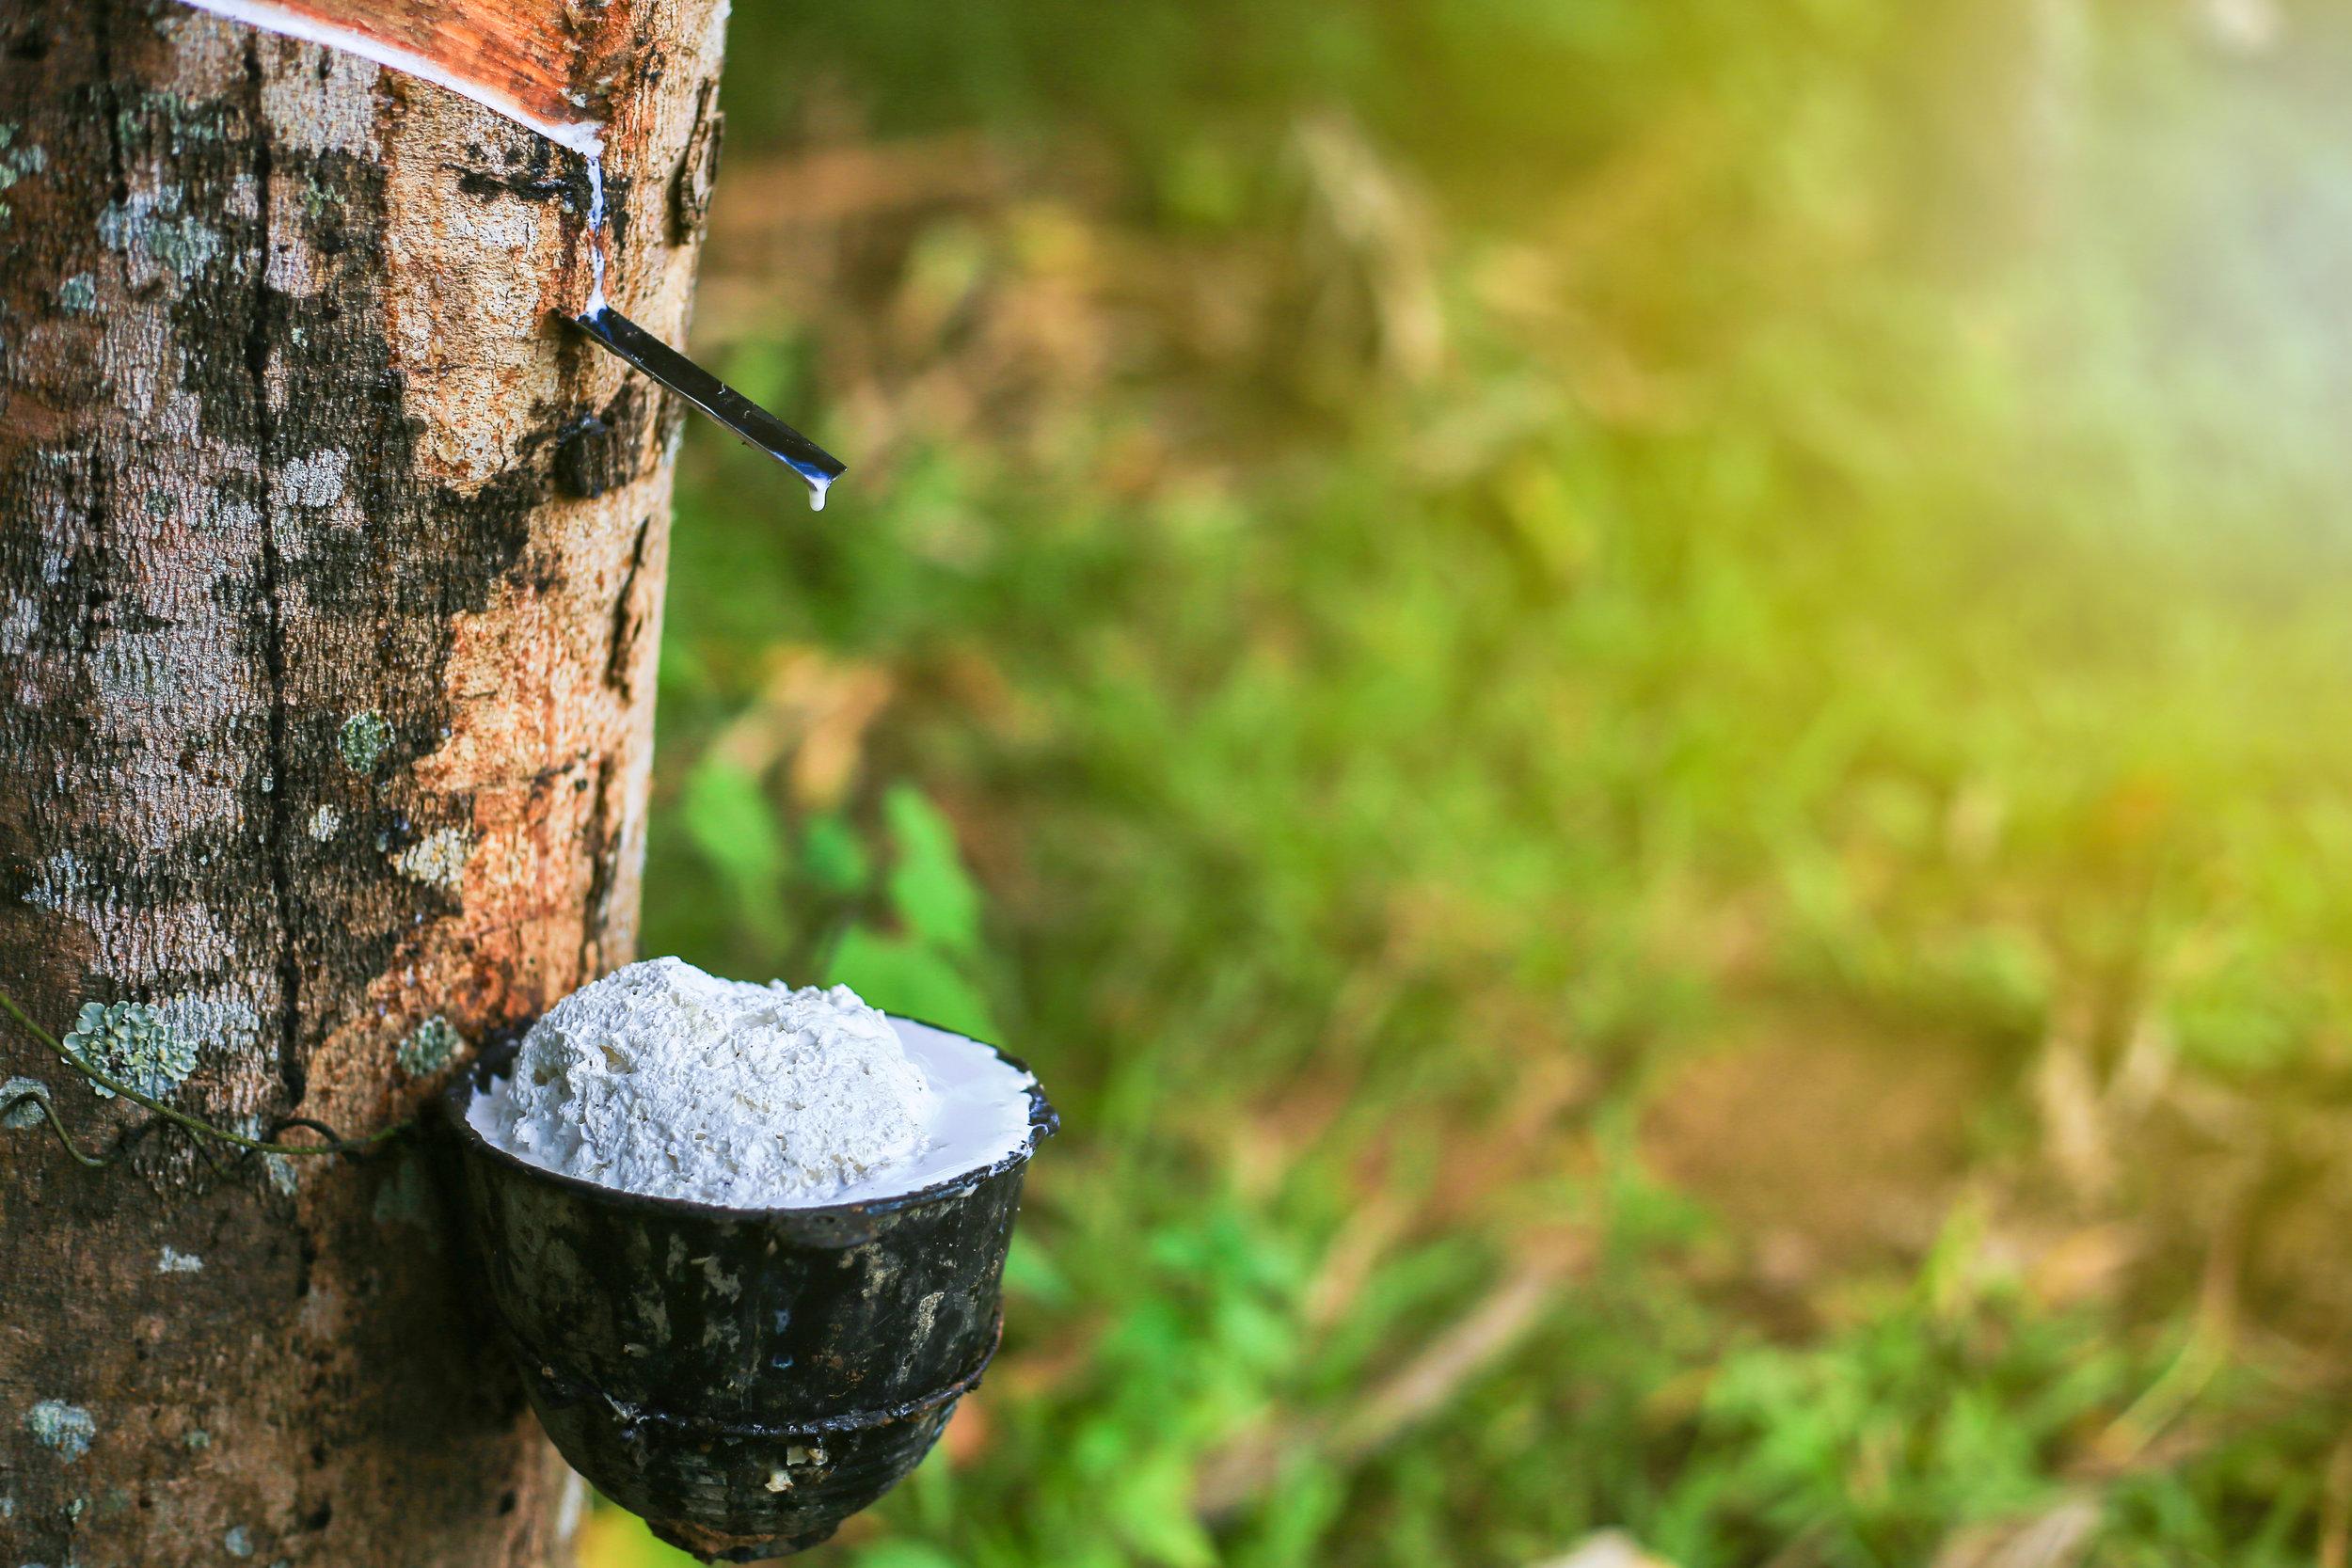 ….Raccolta..Harvest…. - ….L'estrazione dal tronco avviene mediante il tapping, ovvero la riapertura ad intervalli di tempo regolari di un'incisione diagonale poco profonda. Raccolto in una ciotola, il lattice prende due strade: può essere lasciato a coagulare in loco (cup-lump), o essere trasportato ancora allo stato liquido, per essere lavorato successivamente (field latex). Questa prima distinzione, determina già in parte i gradi di gomma che verranno prodotti. ..The extraction from the trunk is done by tapping, the reopening at regular time intervals of a shallow diagonal incision. The latex flows from the cut along a metal spout and into a cup. Once collected, the latex can either be left to coagulate on site (cup-lump), or be transported in liquid form, to be processed later (field latex). This early selection partly determines the rubber grades that will be produced…..